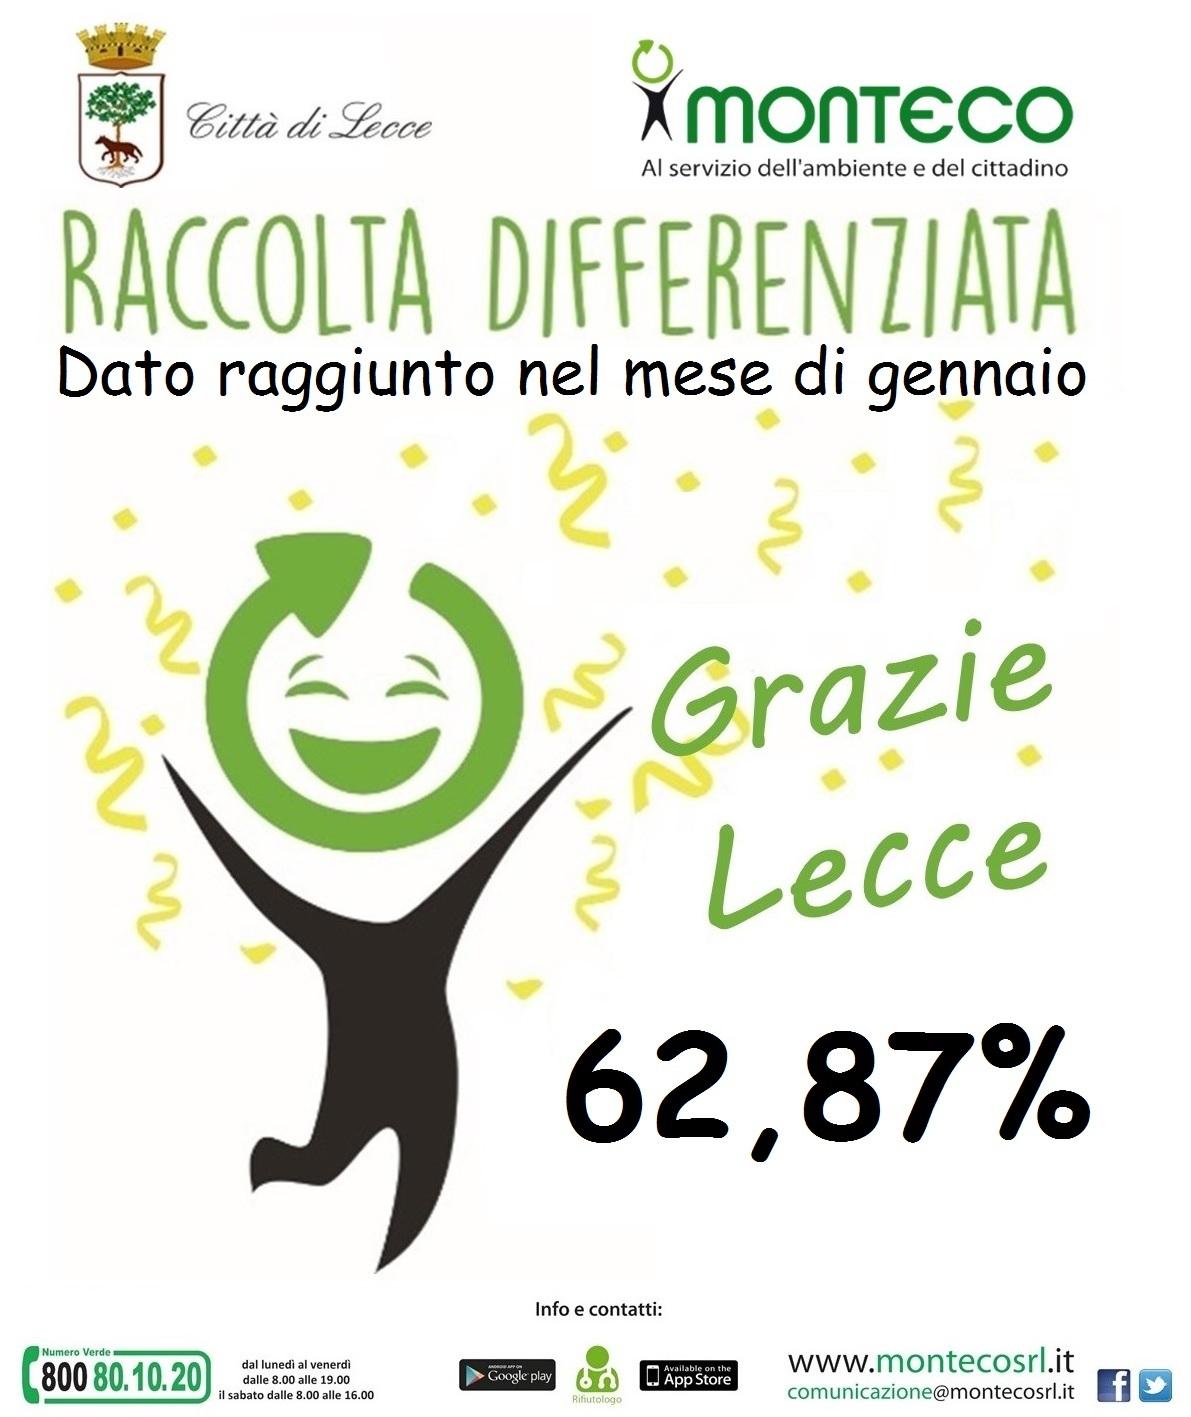 Dati raccolta differenziata a Lecce: raggiunto il 62,87% nel mese di gennaio